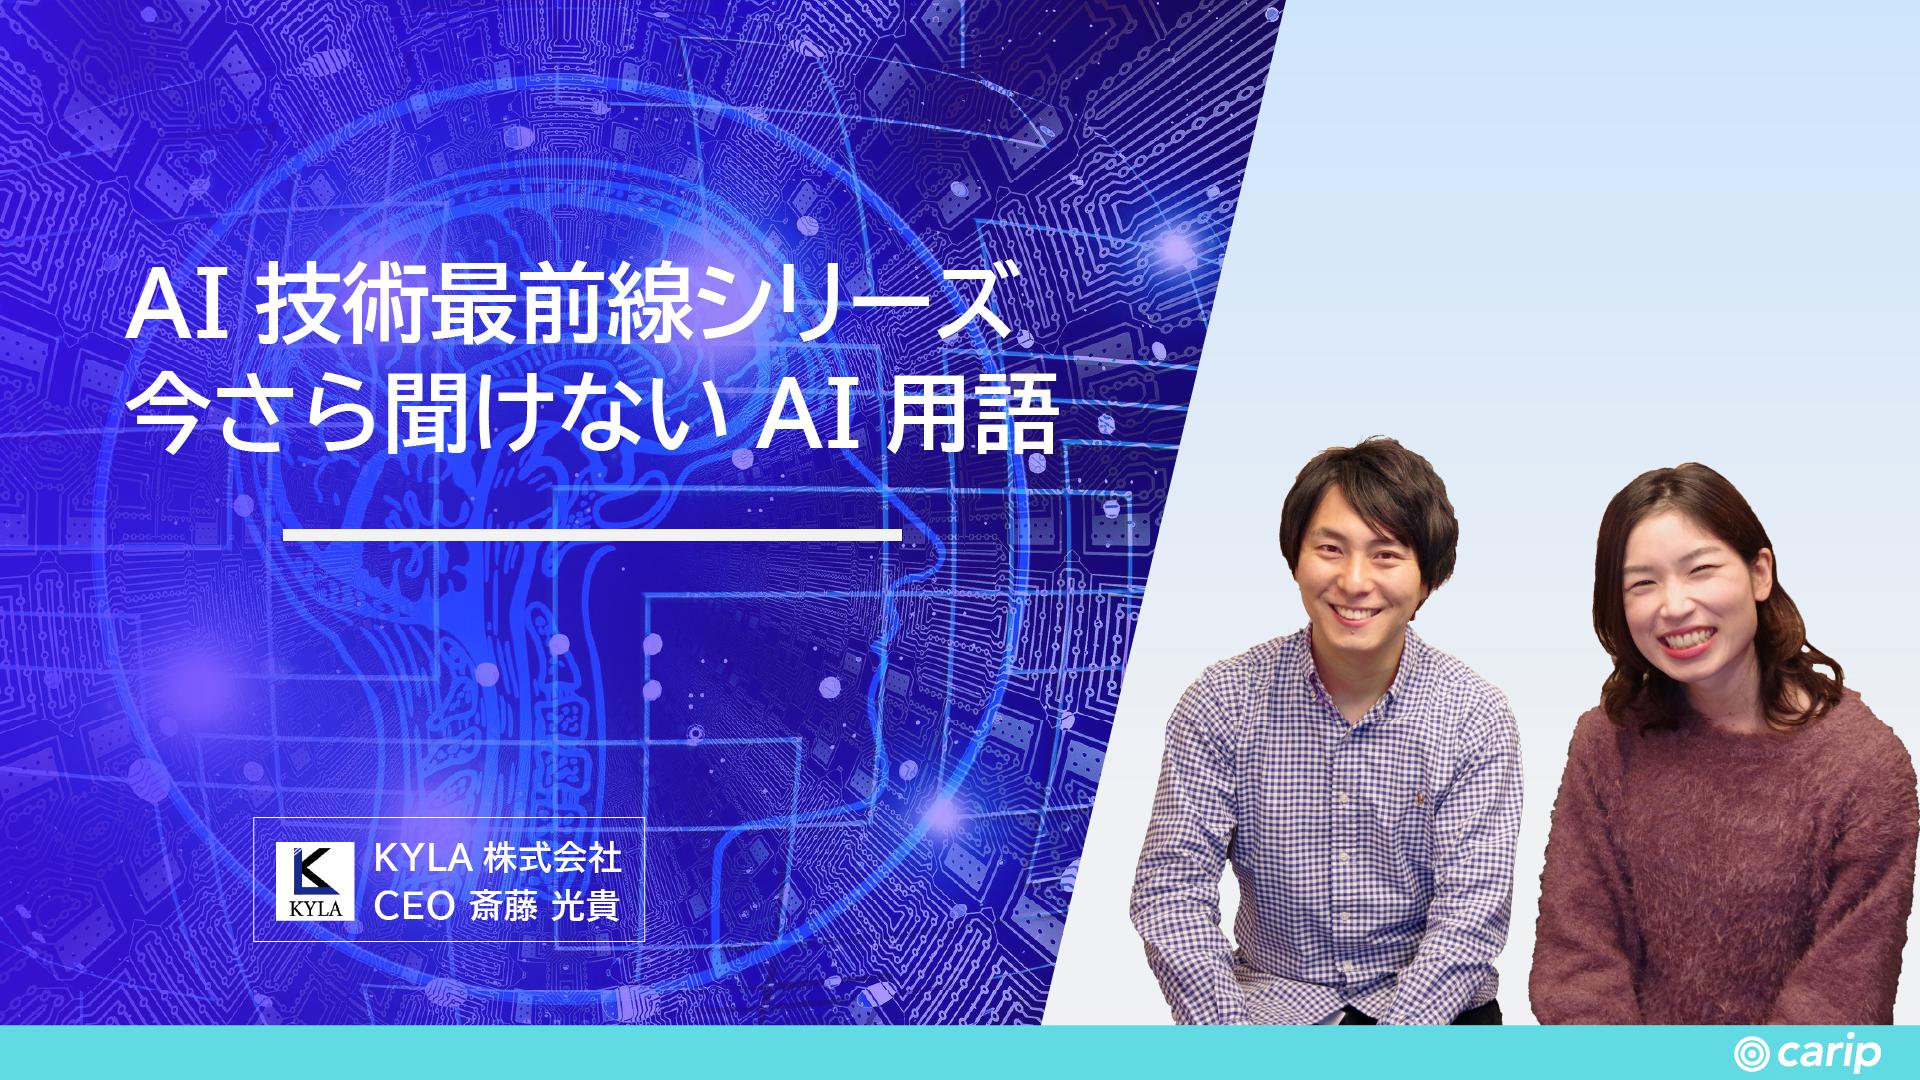 AI技術最前線シリーズ 今さら聞けないAI用語